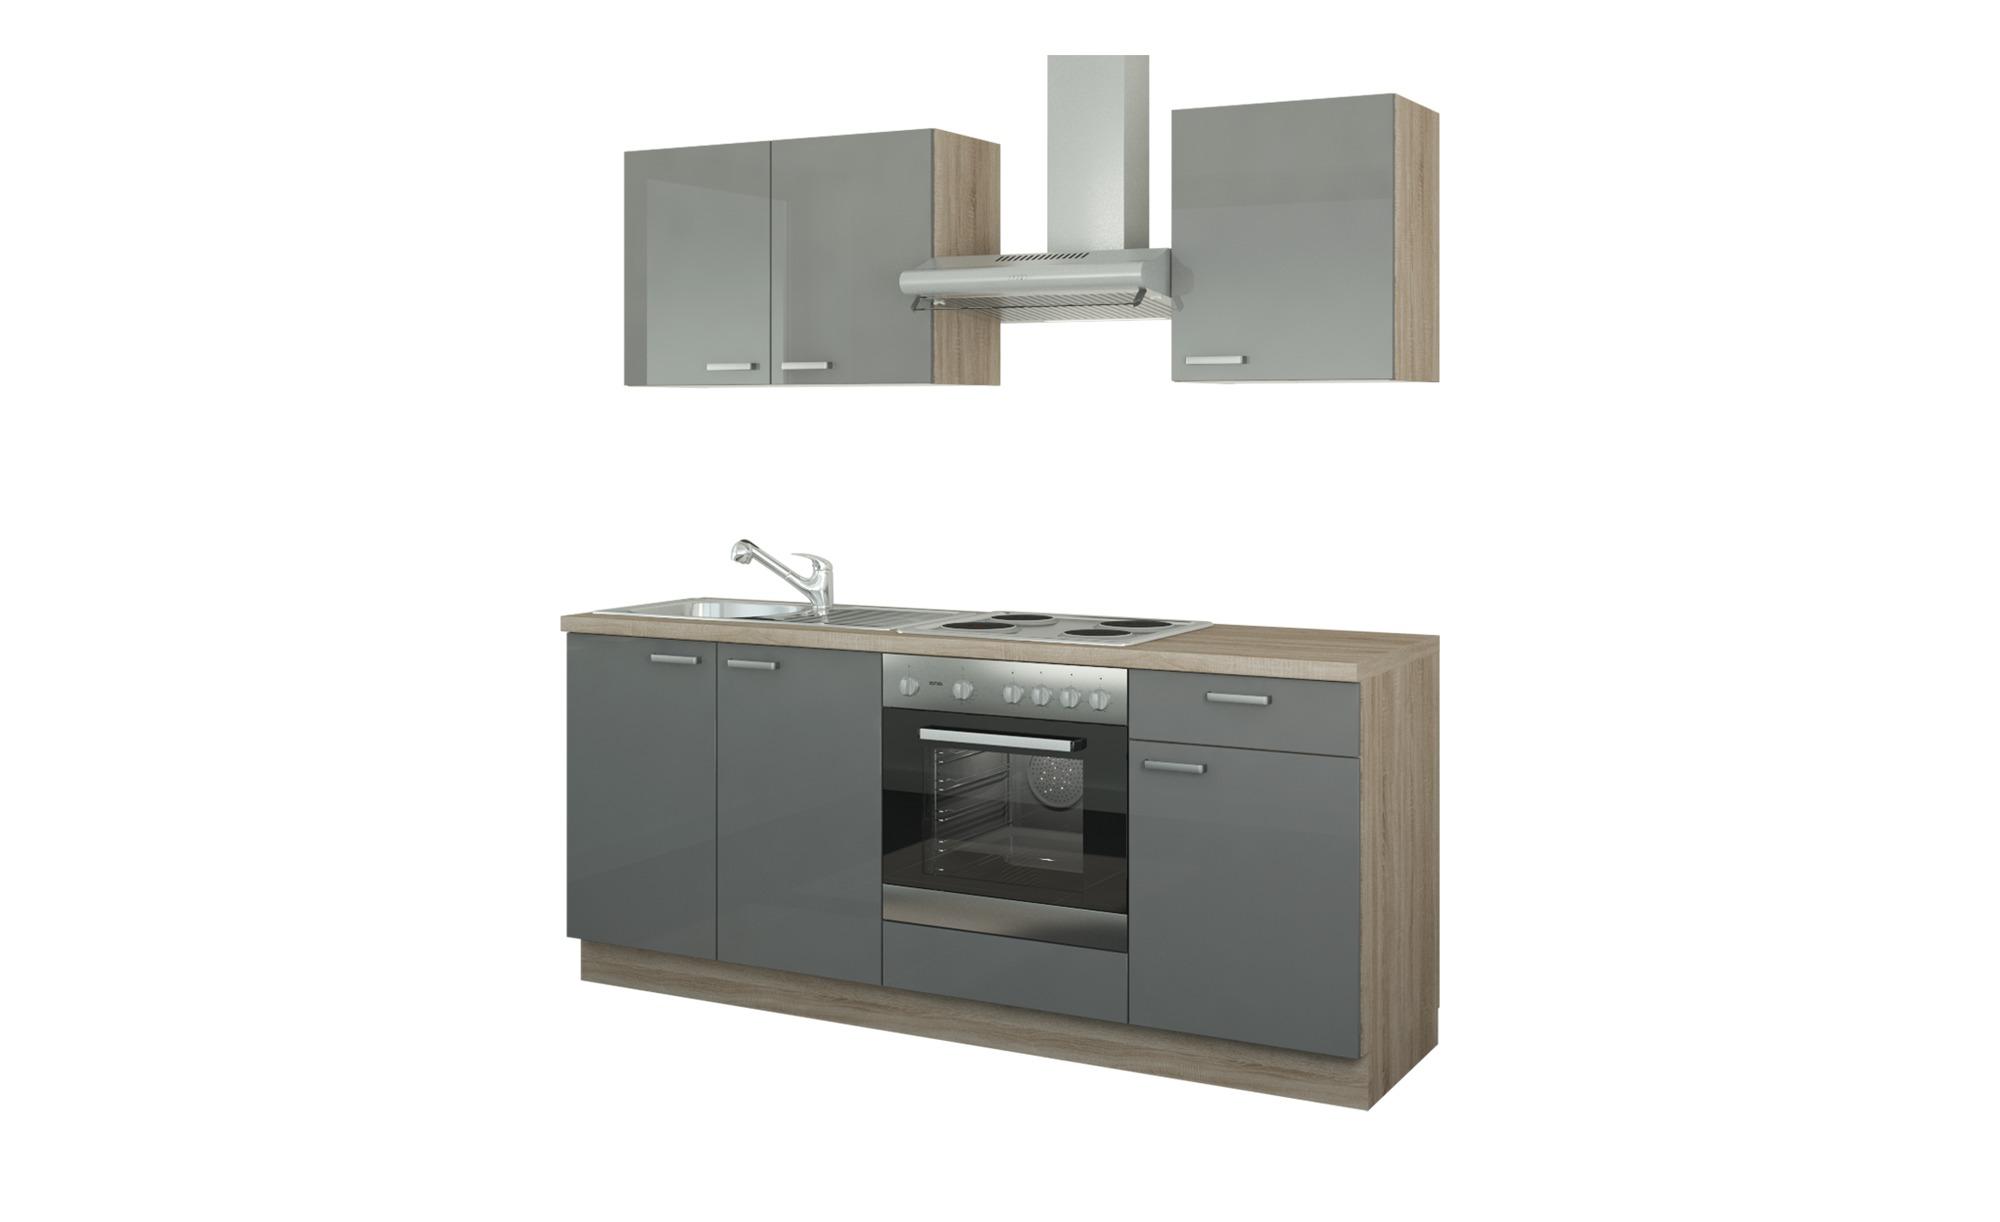 Küchenzeile mit Elektrogeräten  Ahlen ¦ Maße (cm): B: 200 Küchen > Küchenblöcke - Höffner | Küche und Esszimmer > Küchen | Möbel Höffner DE